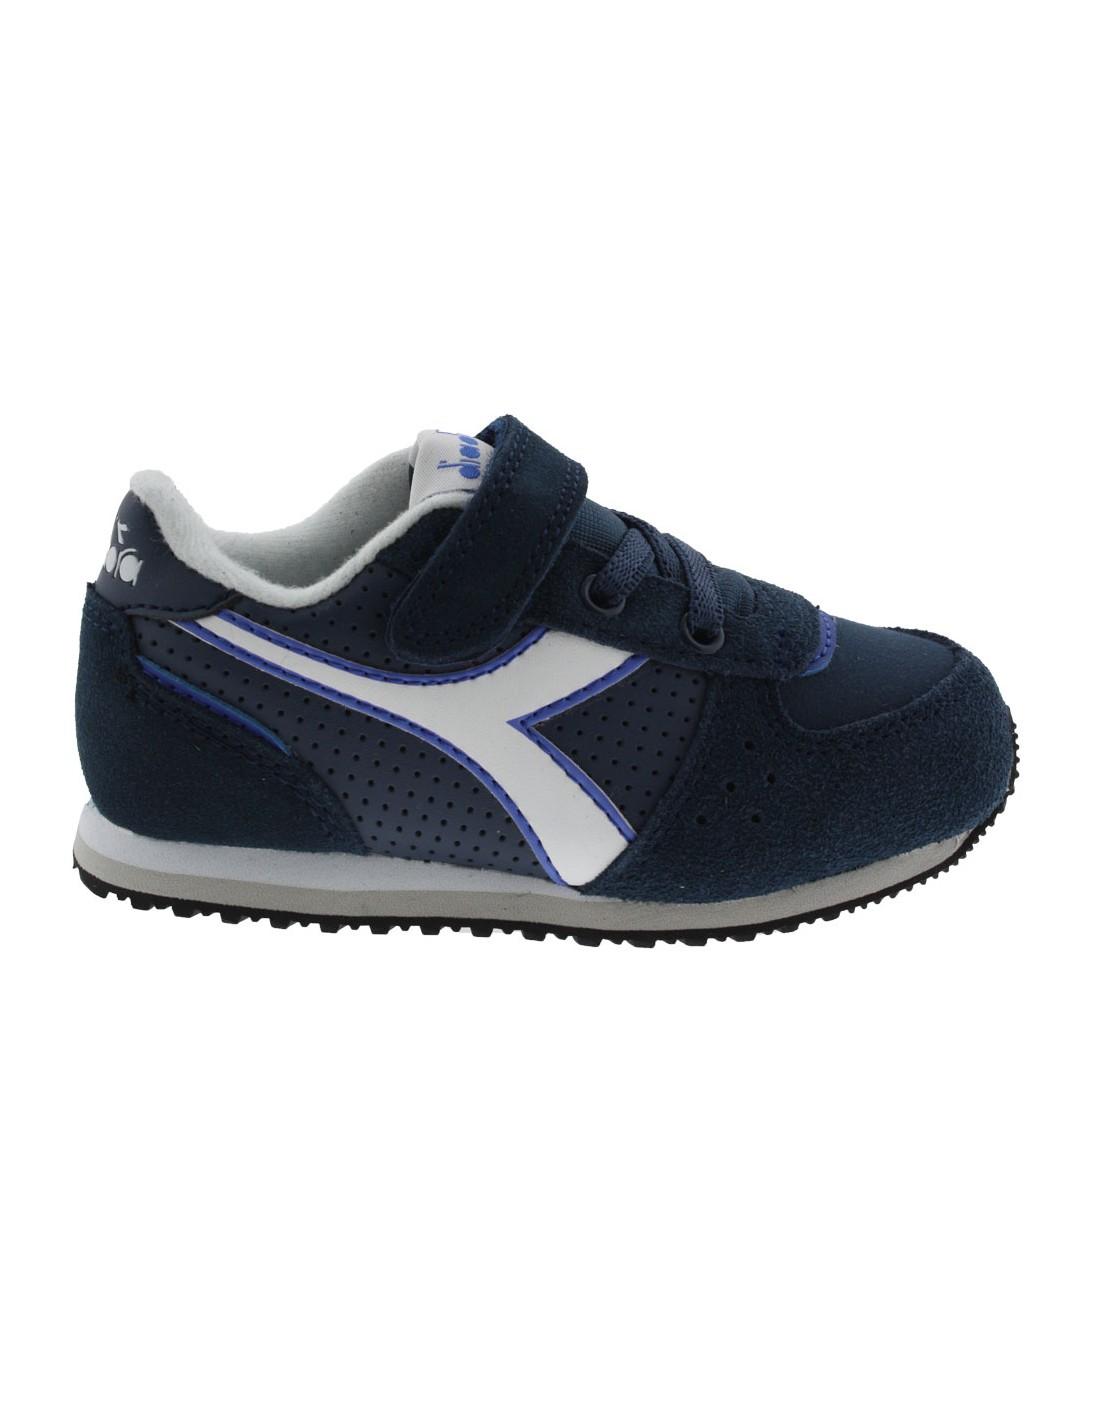 quality design 3e2c9 5ef16 Scarpe Diadora Malone S jr bambino con strappo blu